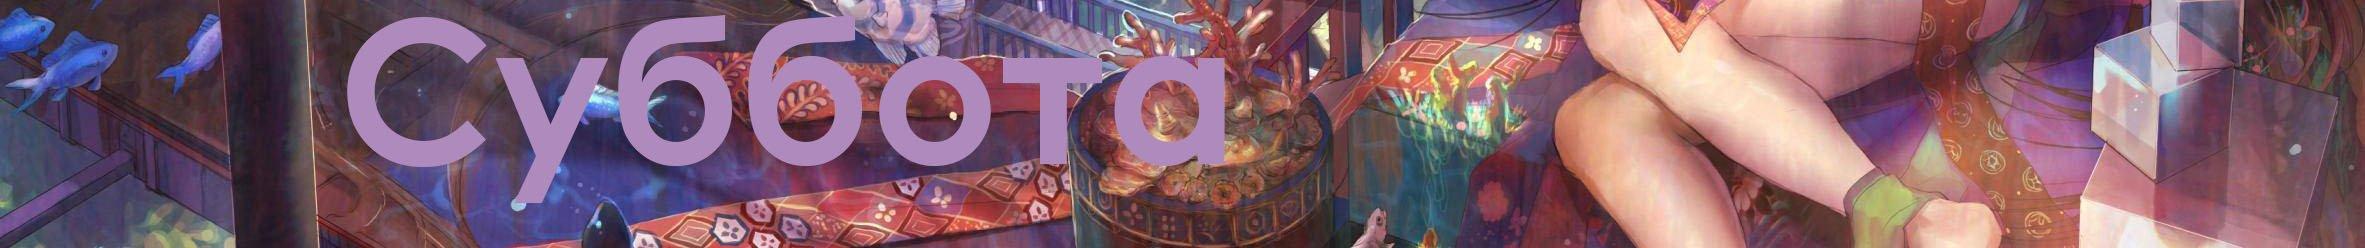 Все, что вы хотели знать об аниме осени 2014, даже если не хотели (UPD по КГ) - Изображение 7